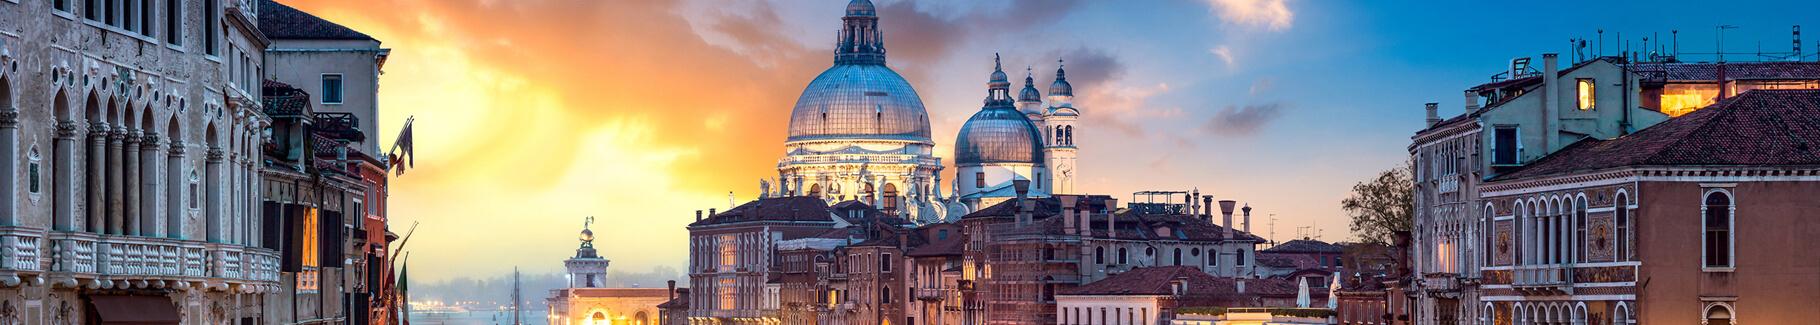 Plakat Wenecja o zachodzie słońca